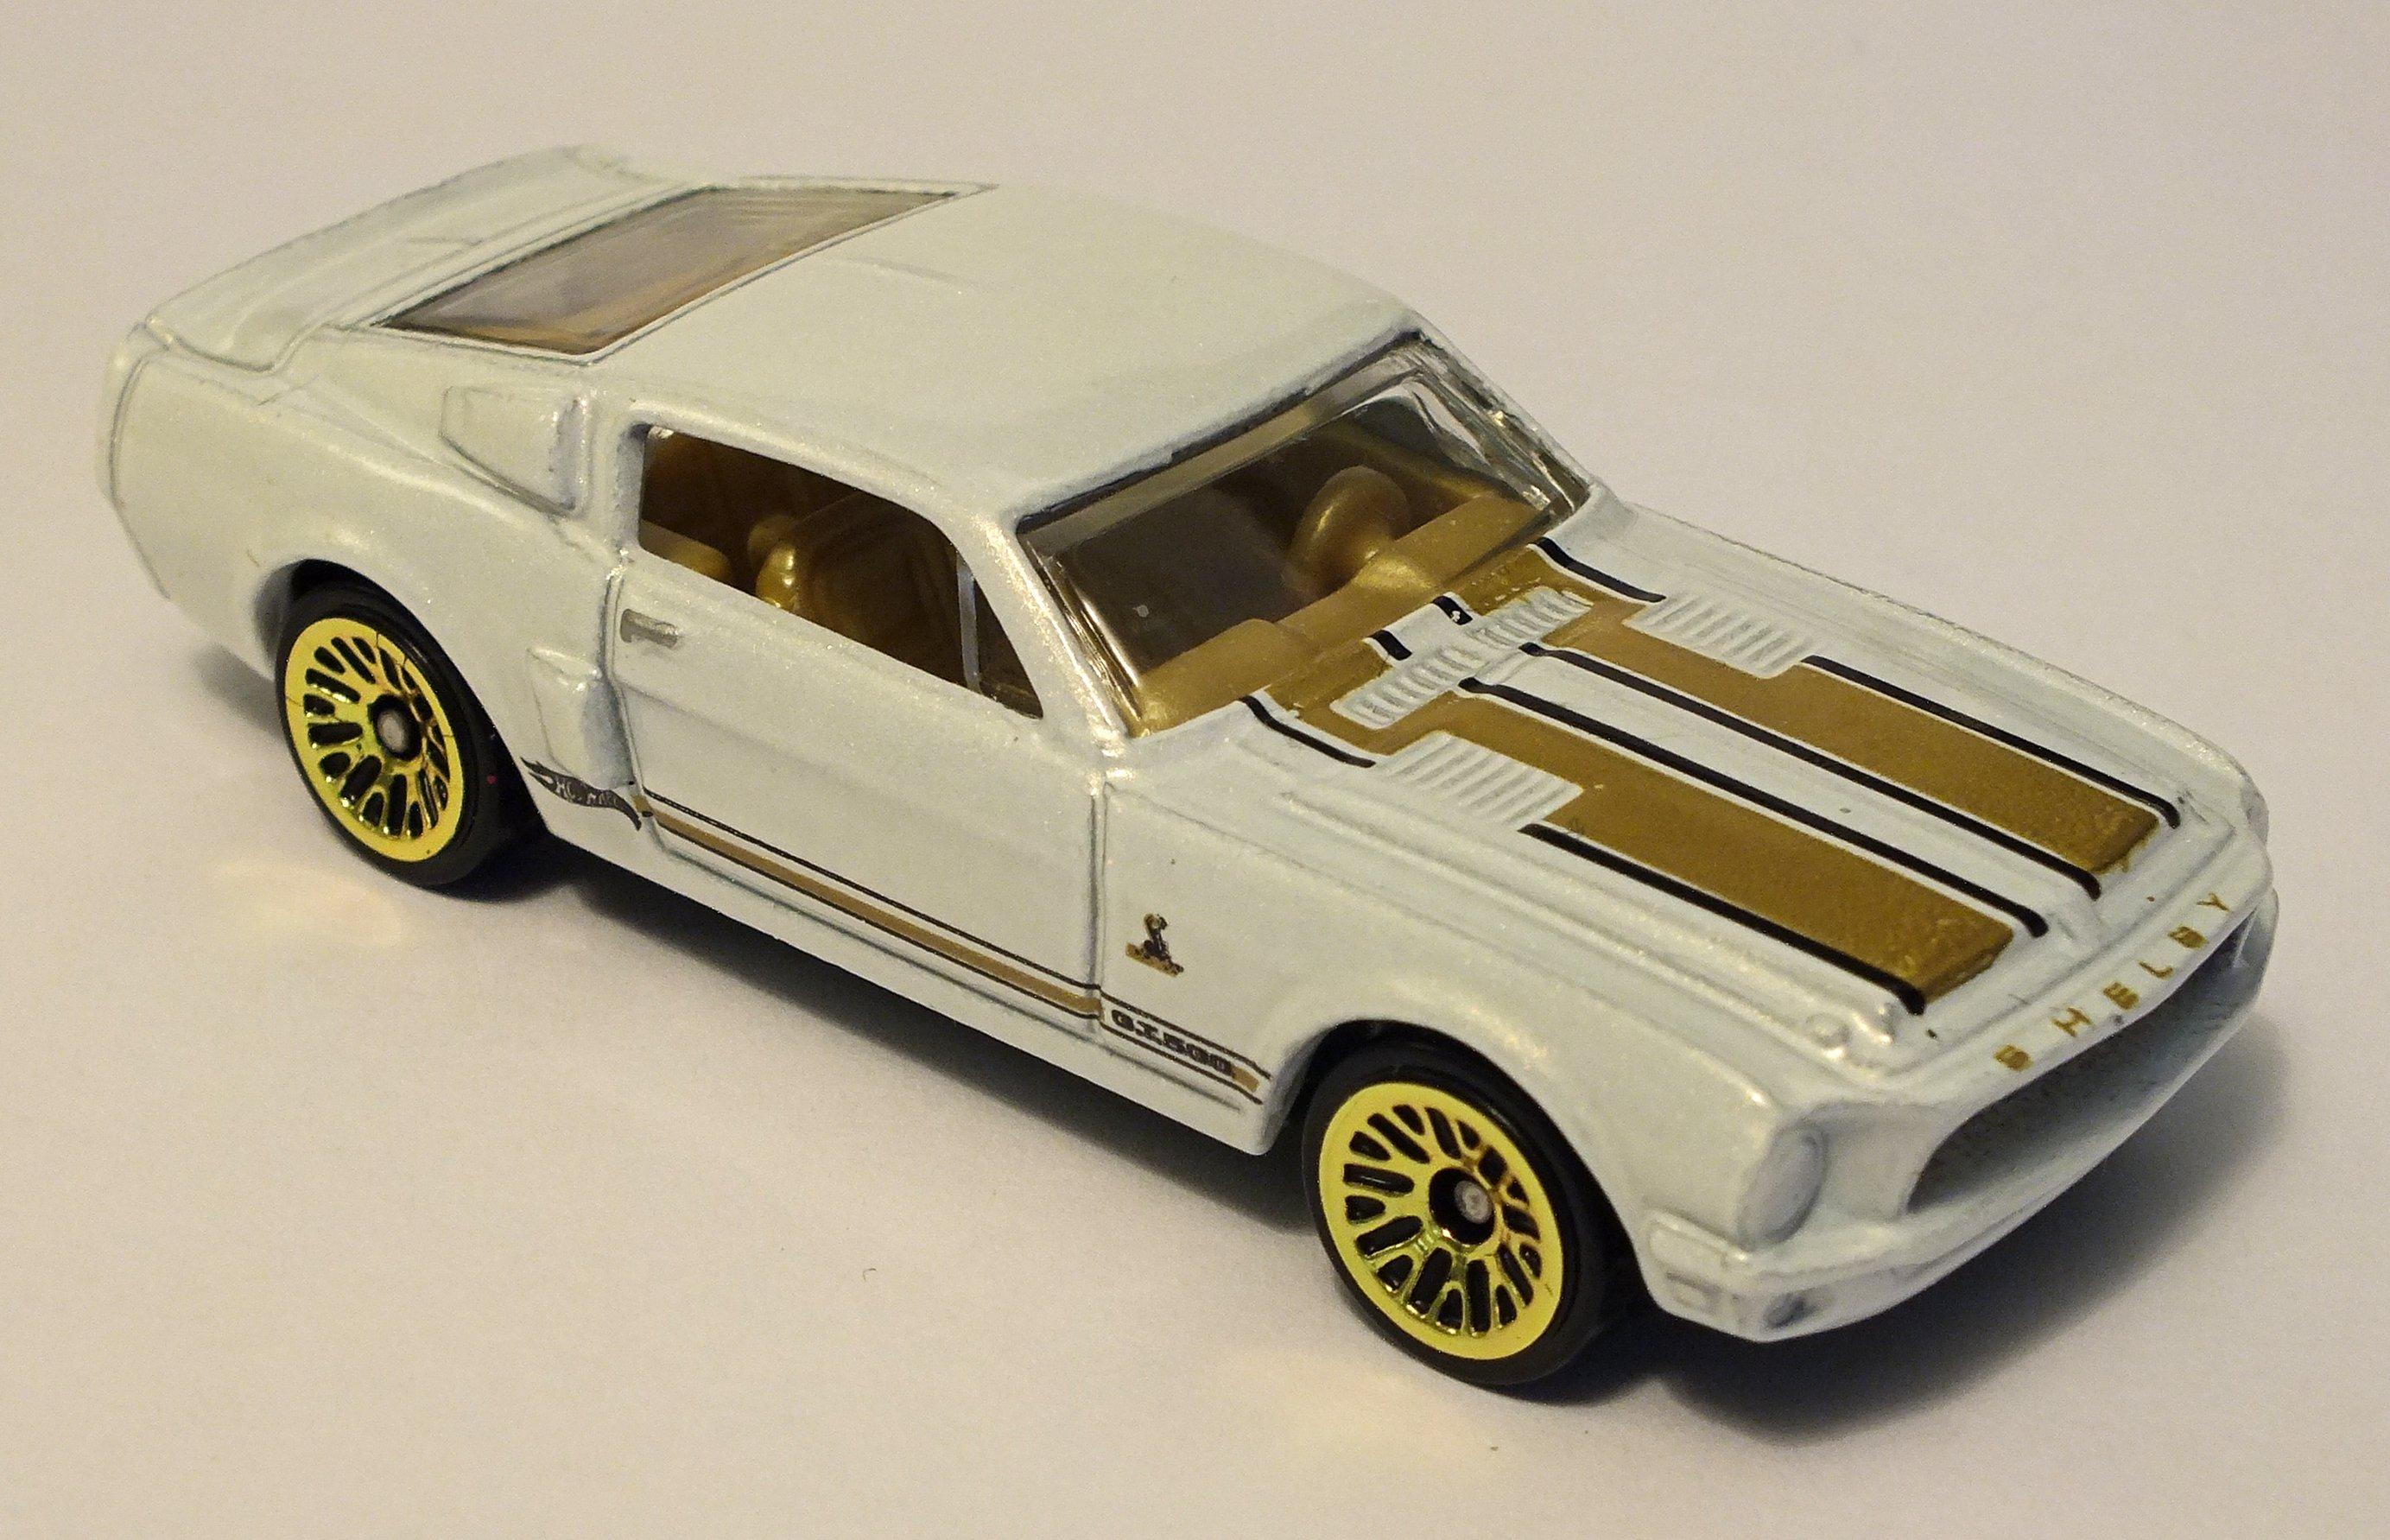 68 Shelby Gt500 Hot Wheels Wiki Fandom Powered By Wikia